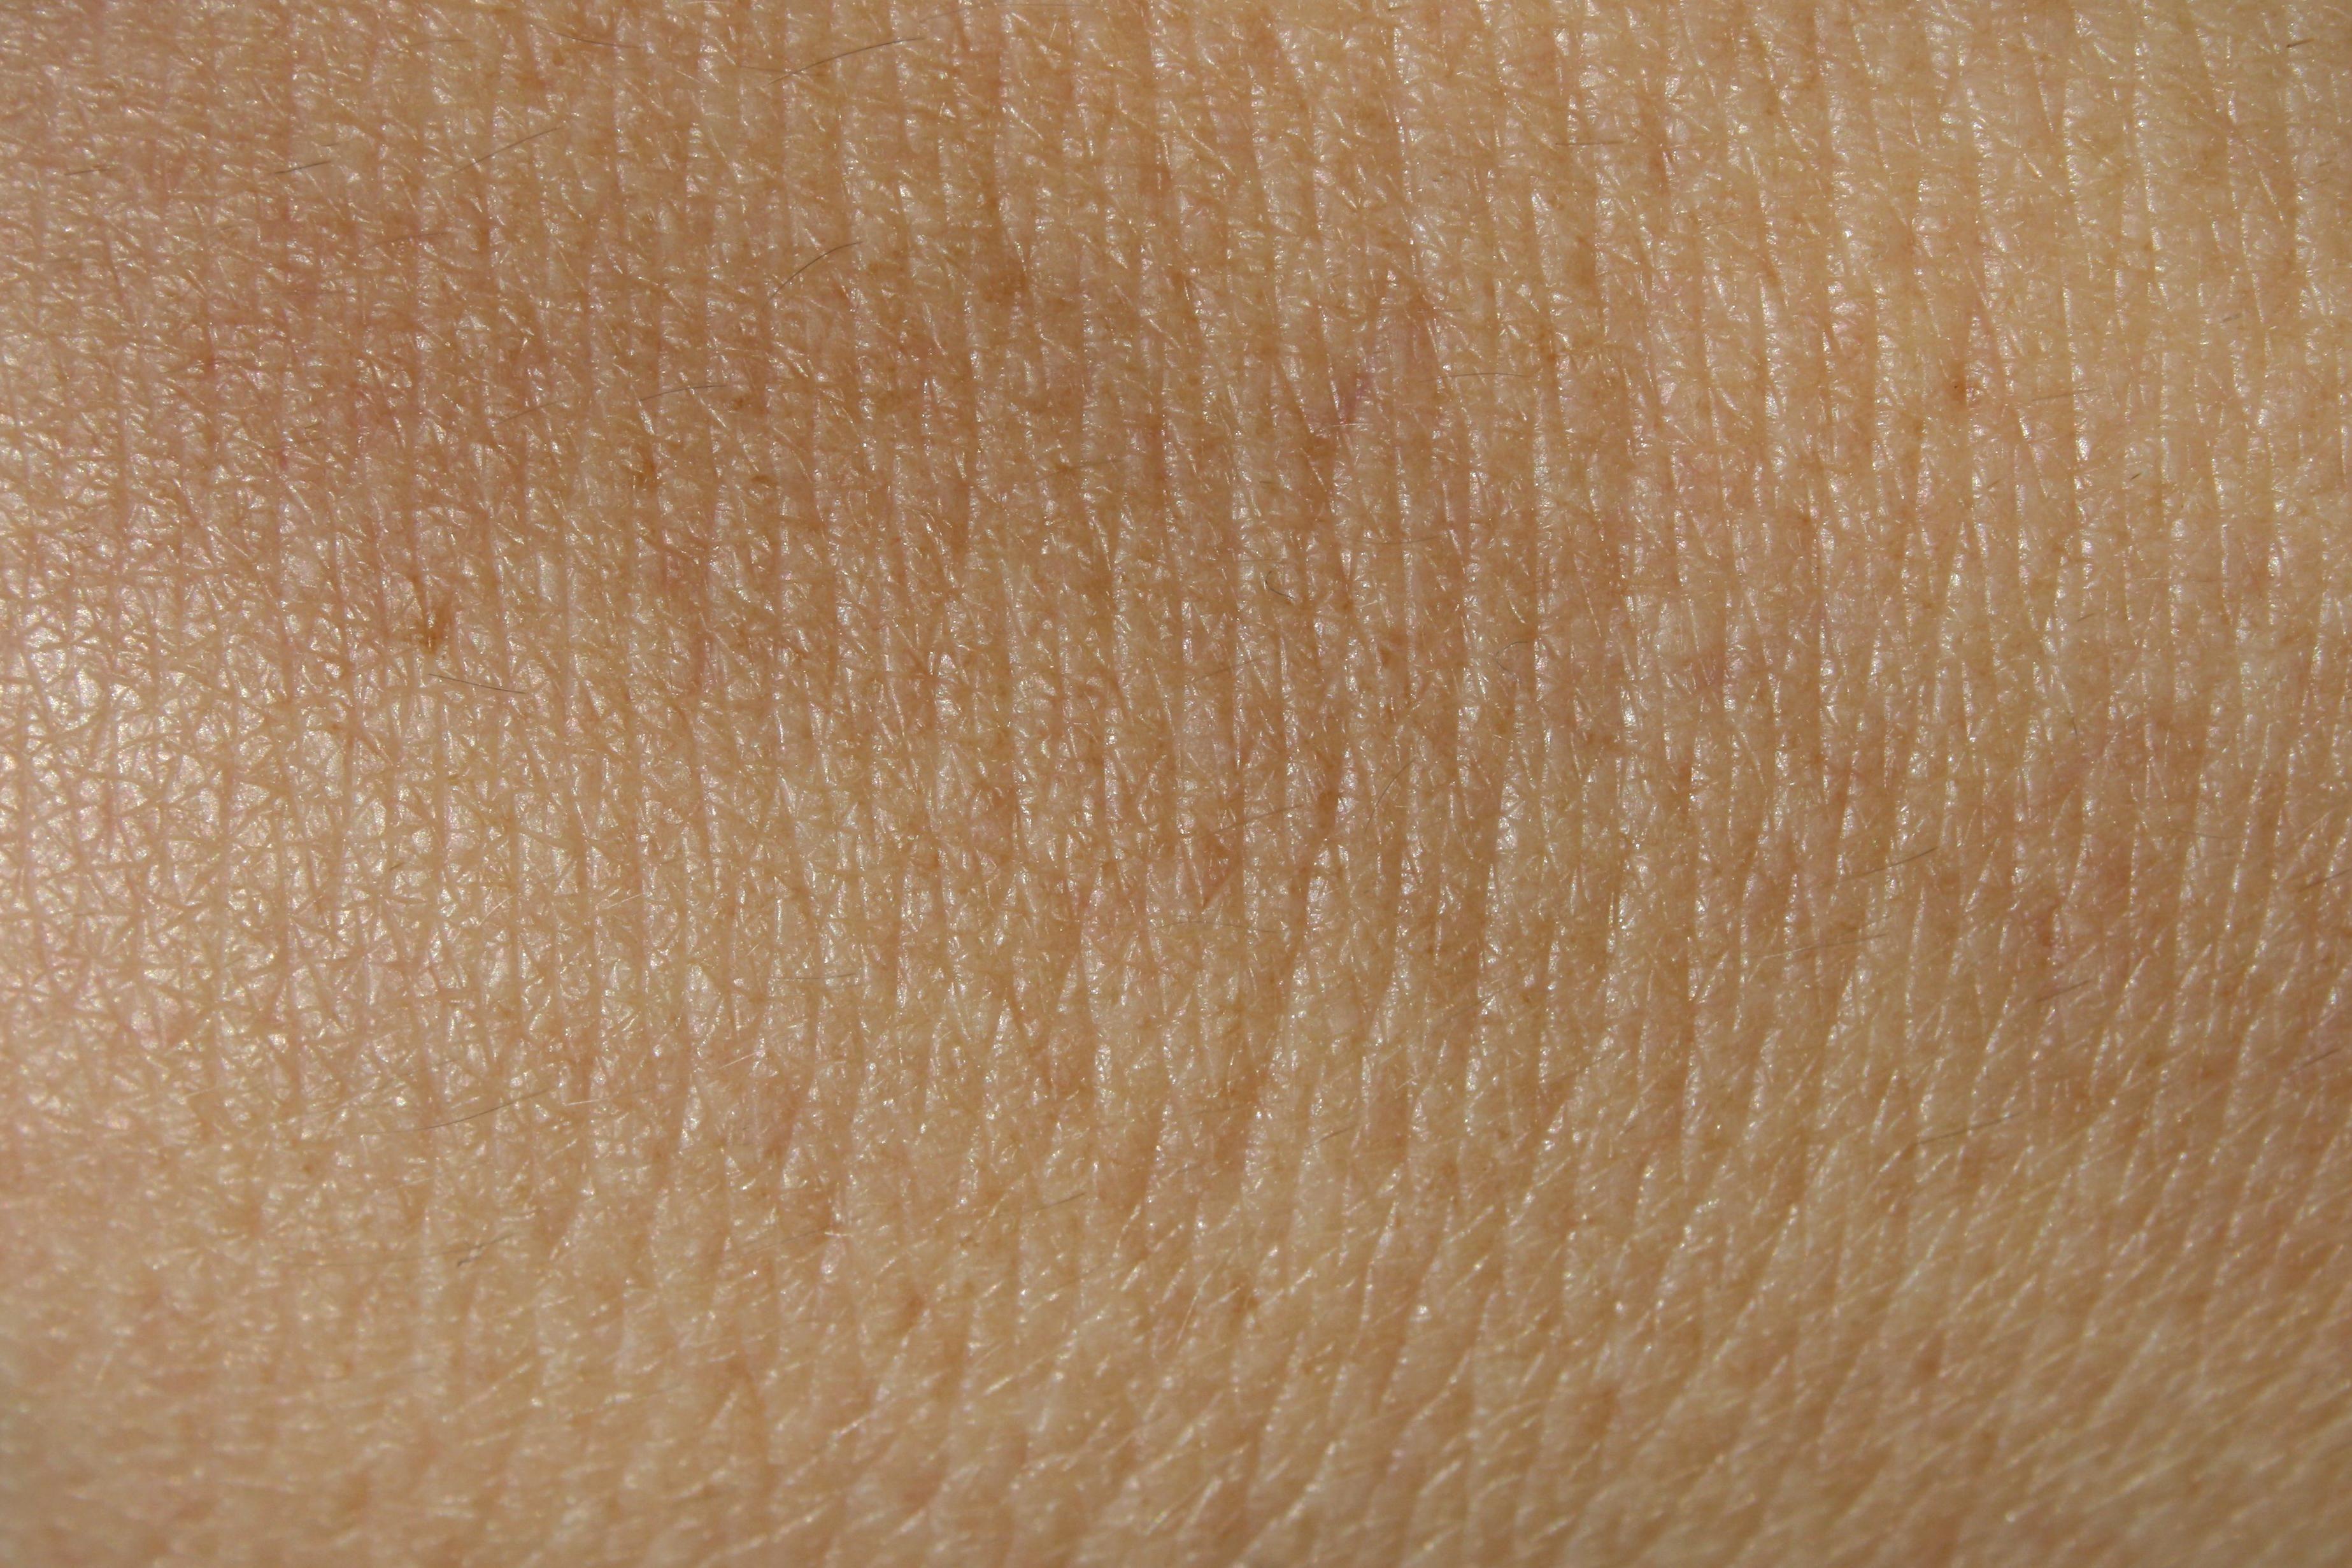 Dermatolog zdradza, jak często powinniśmy brać prysznic. Zwraca uwagę na trzy czynniki